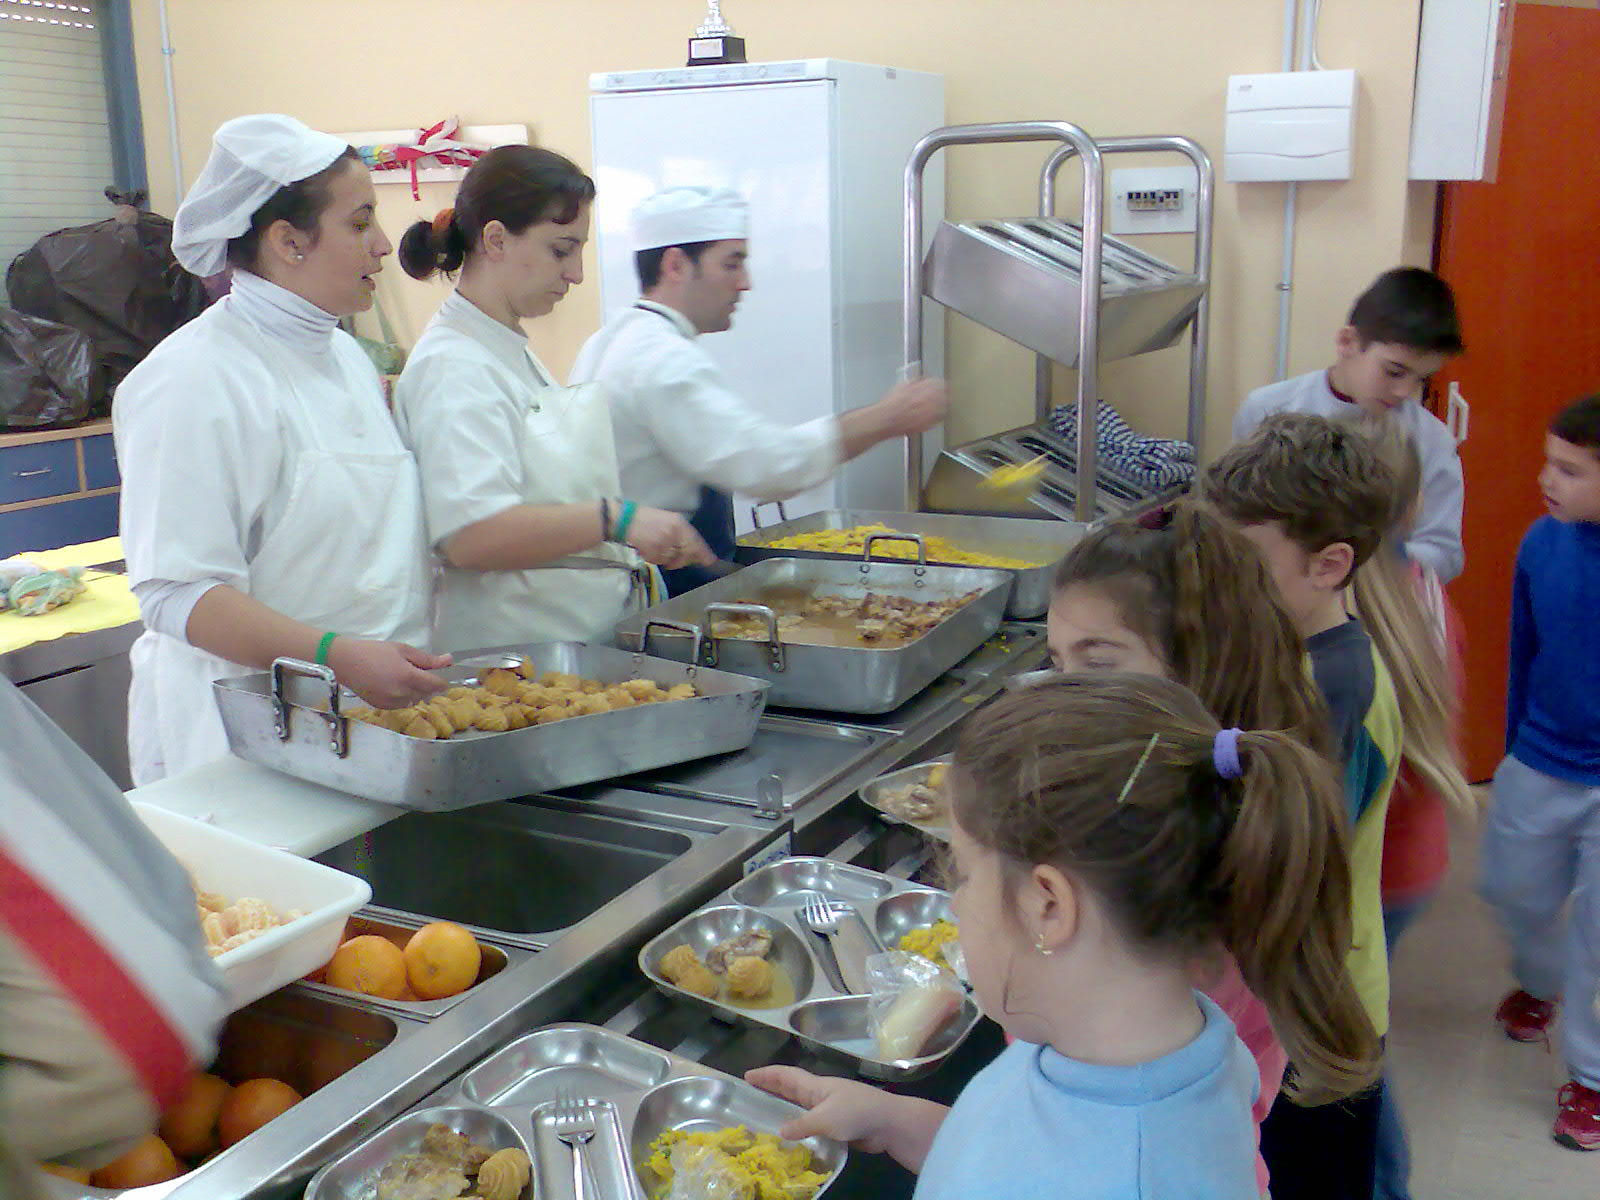 Las becas de comedor en catalu a s lo llegan al 10 de los for Comedor de escuela